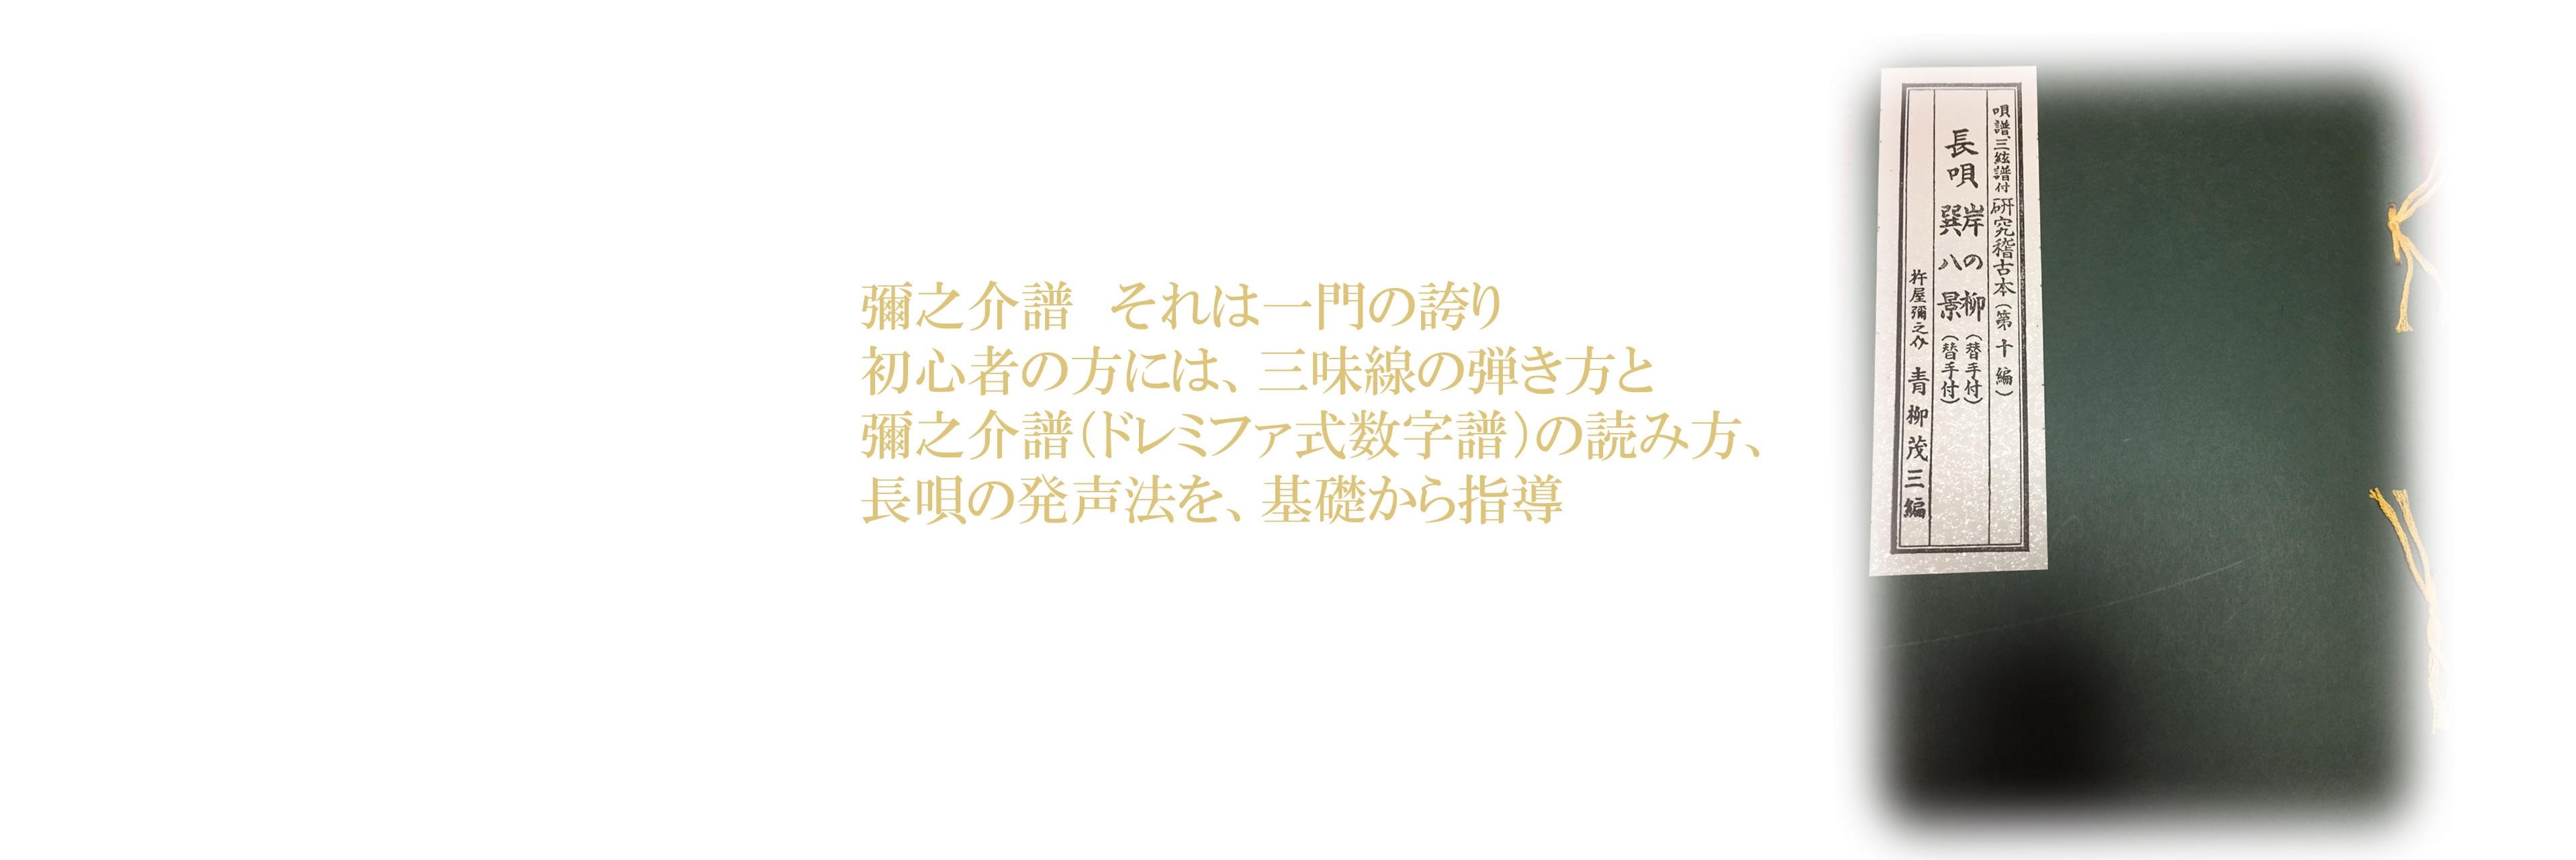 杵屋彌十郎 長唄・三味線教室|彌之介譜